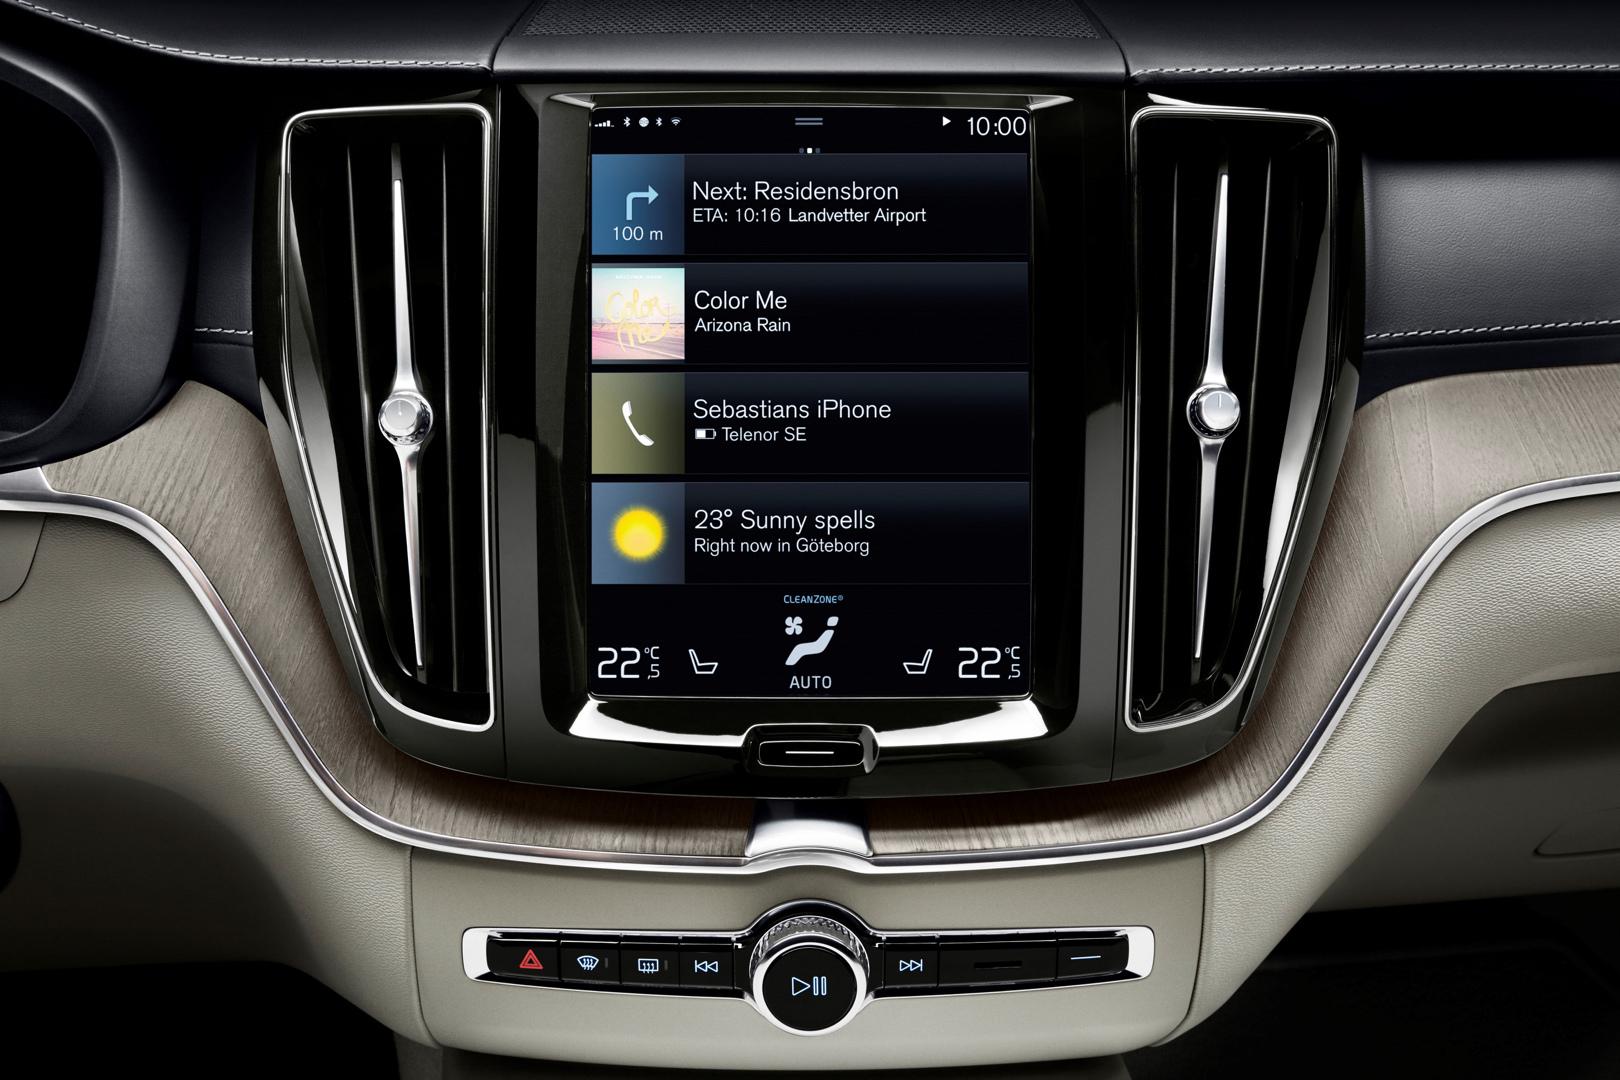 205055_The_new_Volvo_XC60